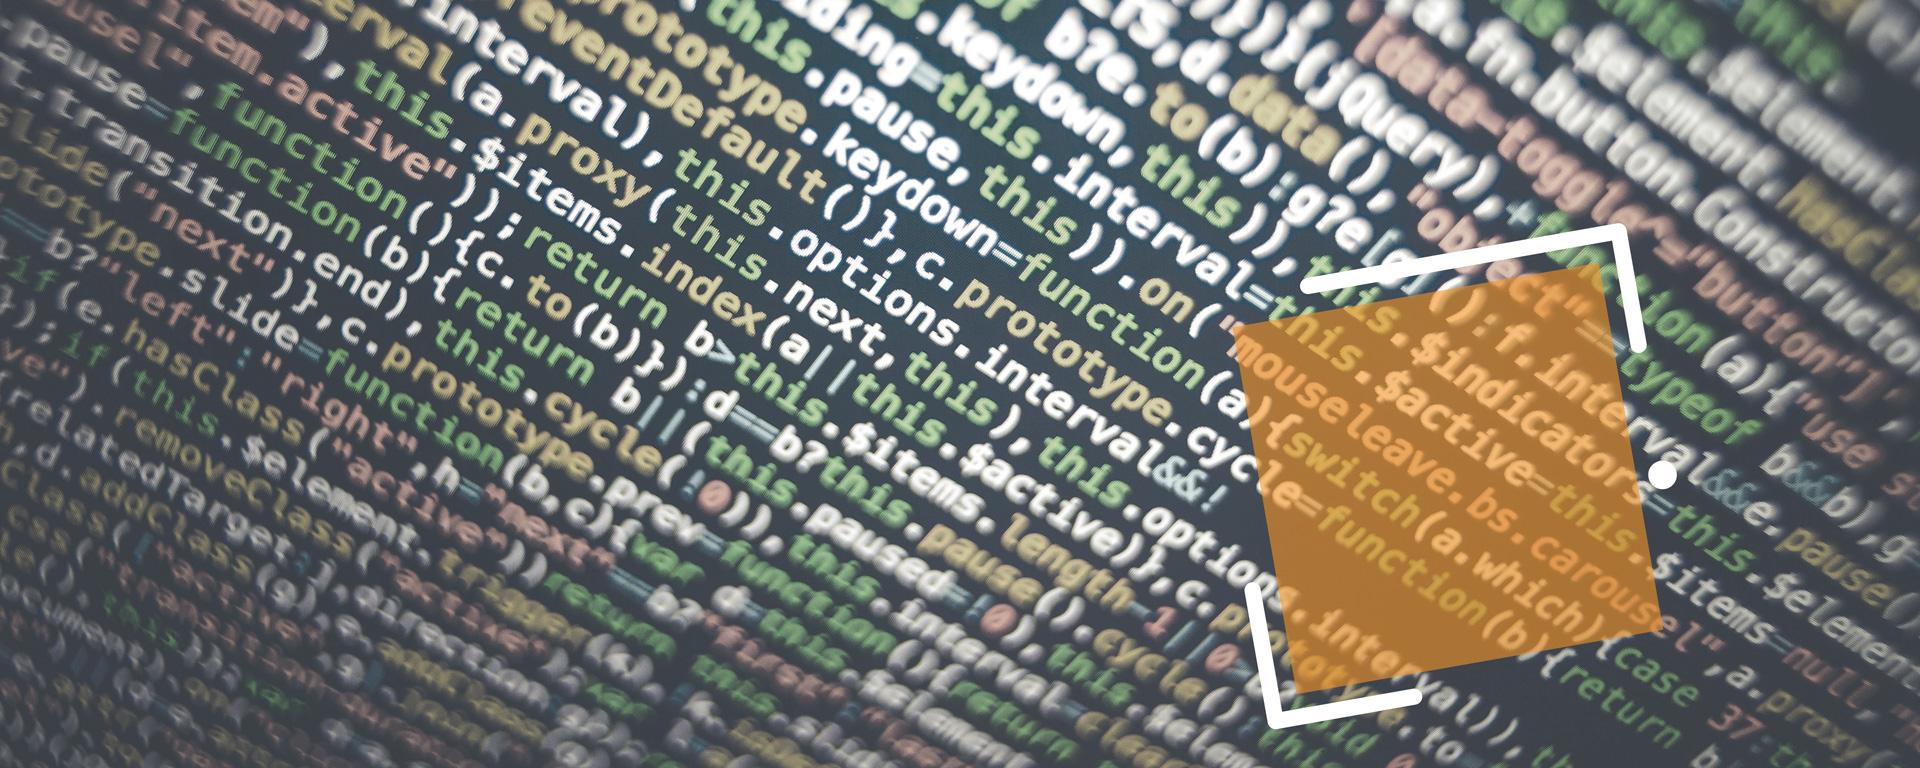 Web / Digital Marketing von quadrat.e kommunikation, Bern